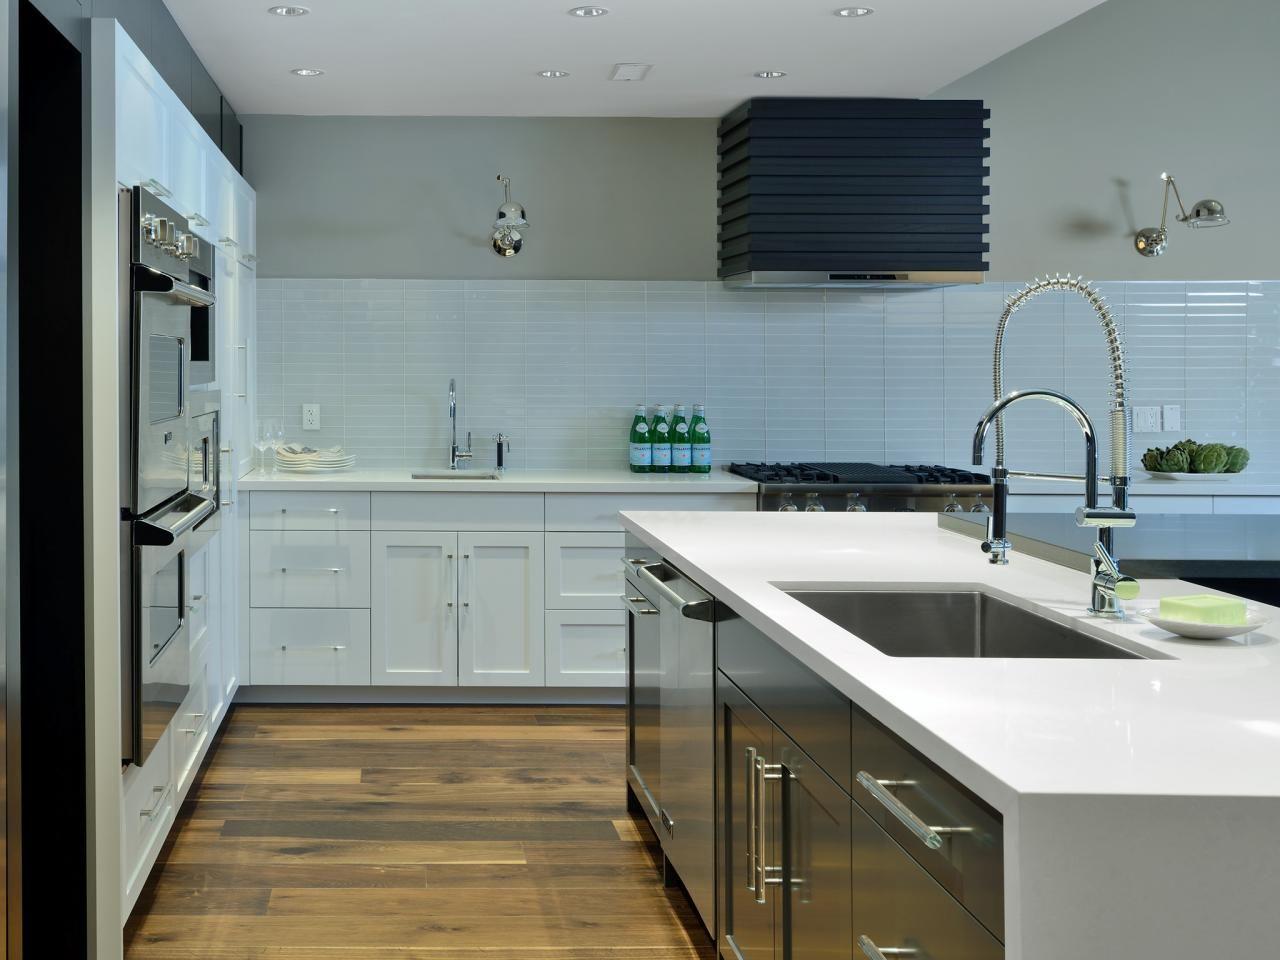 30 Trendiest Kitchen Backsplash Materials | Profile design ...